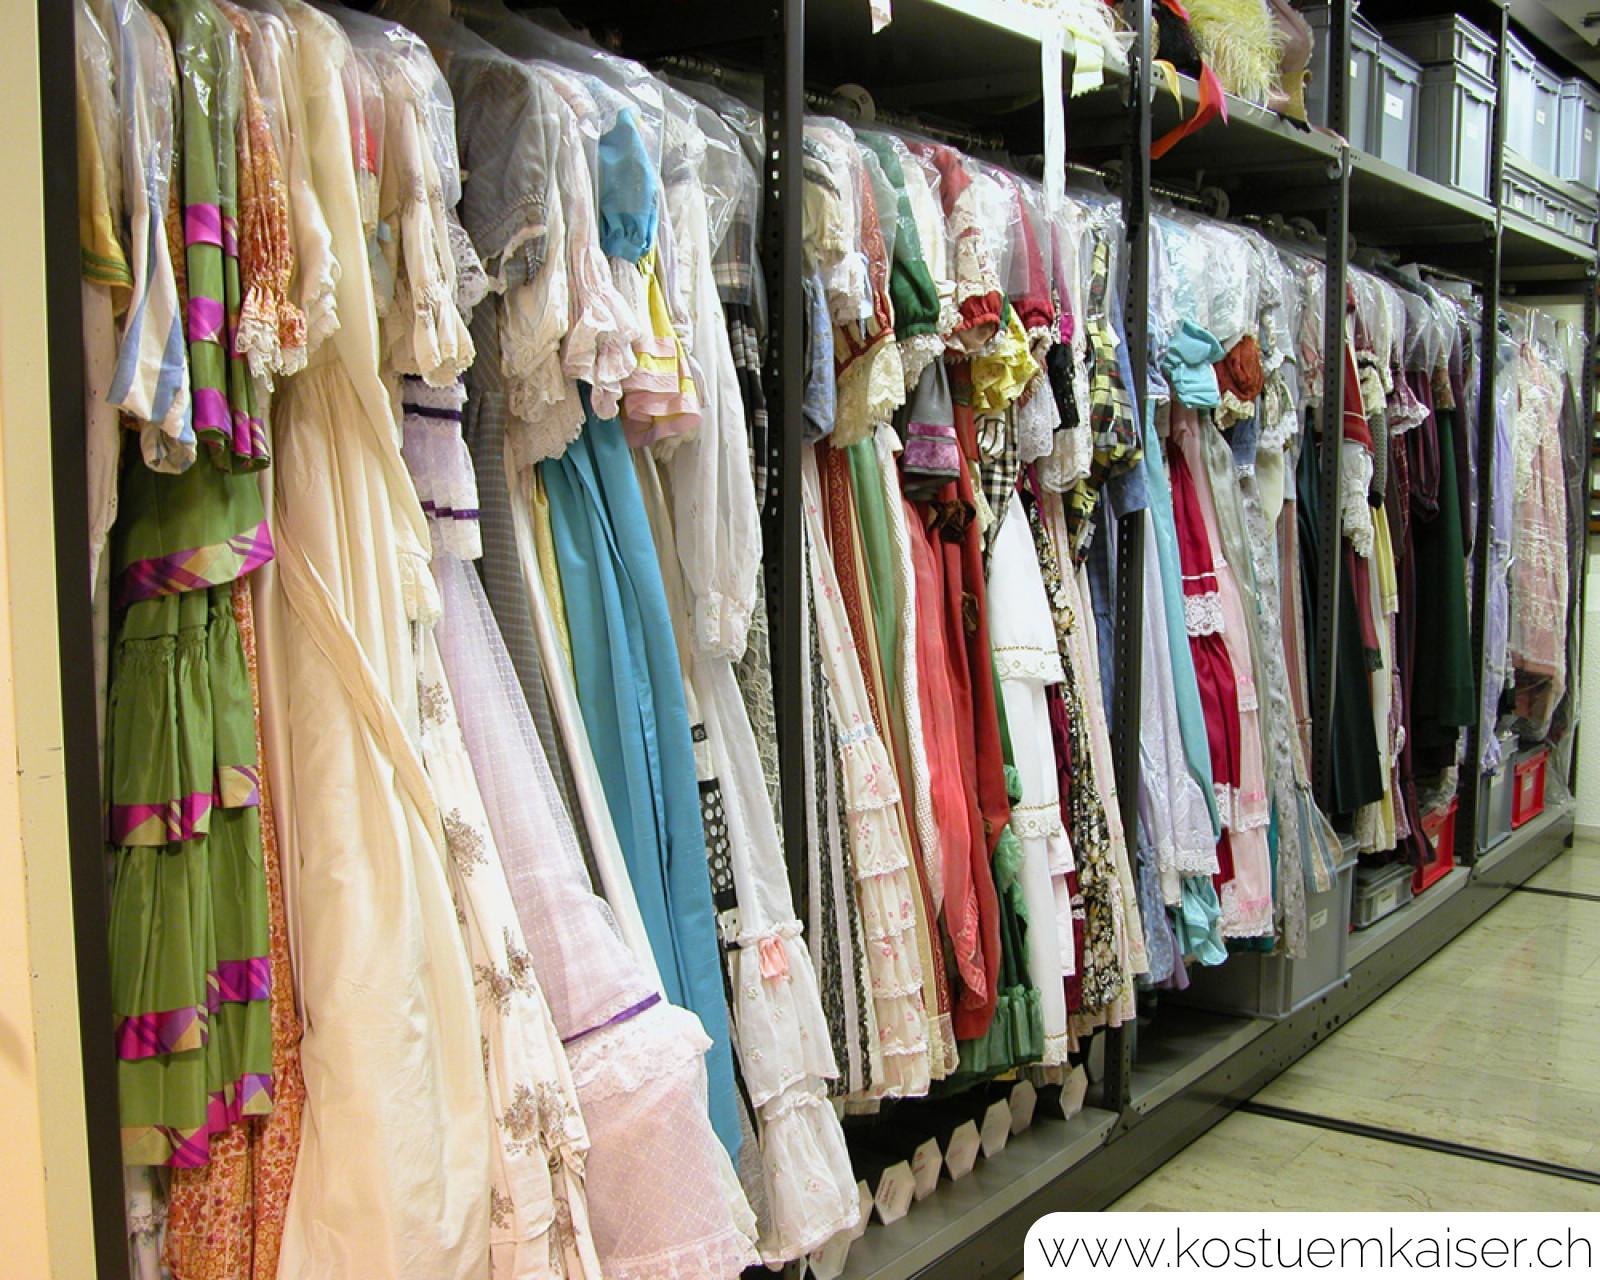 Kostüme ausleihen